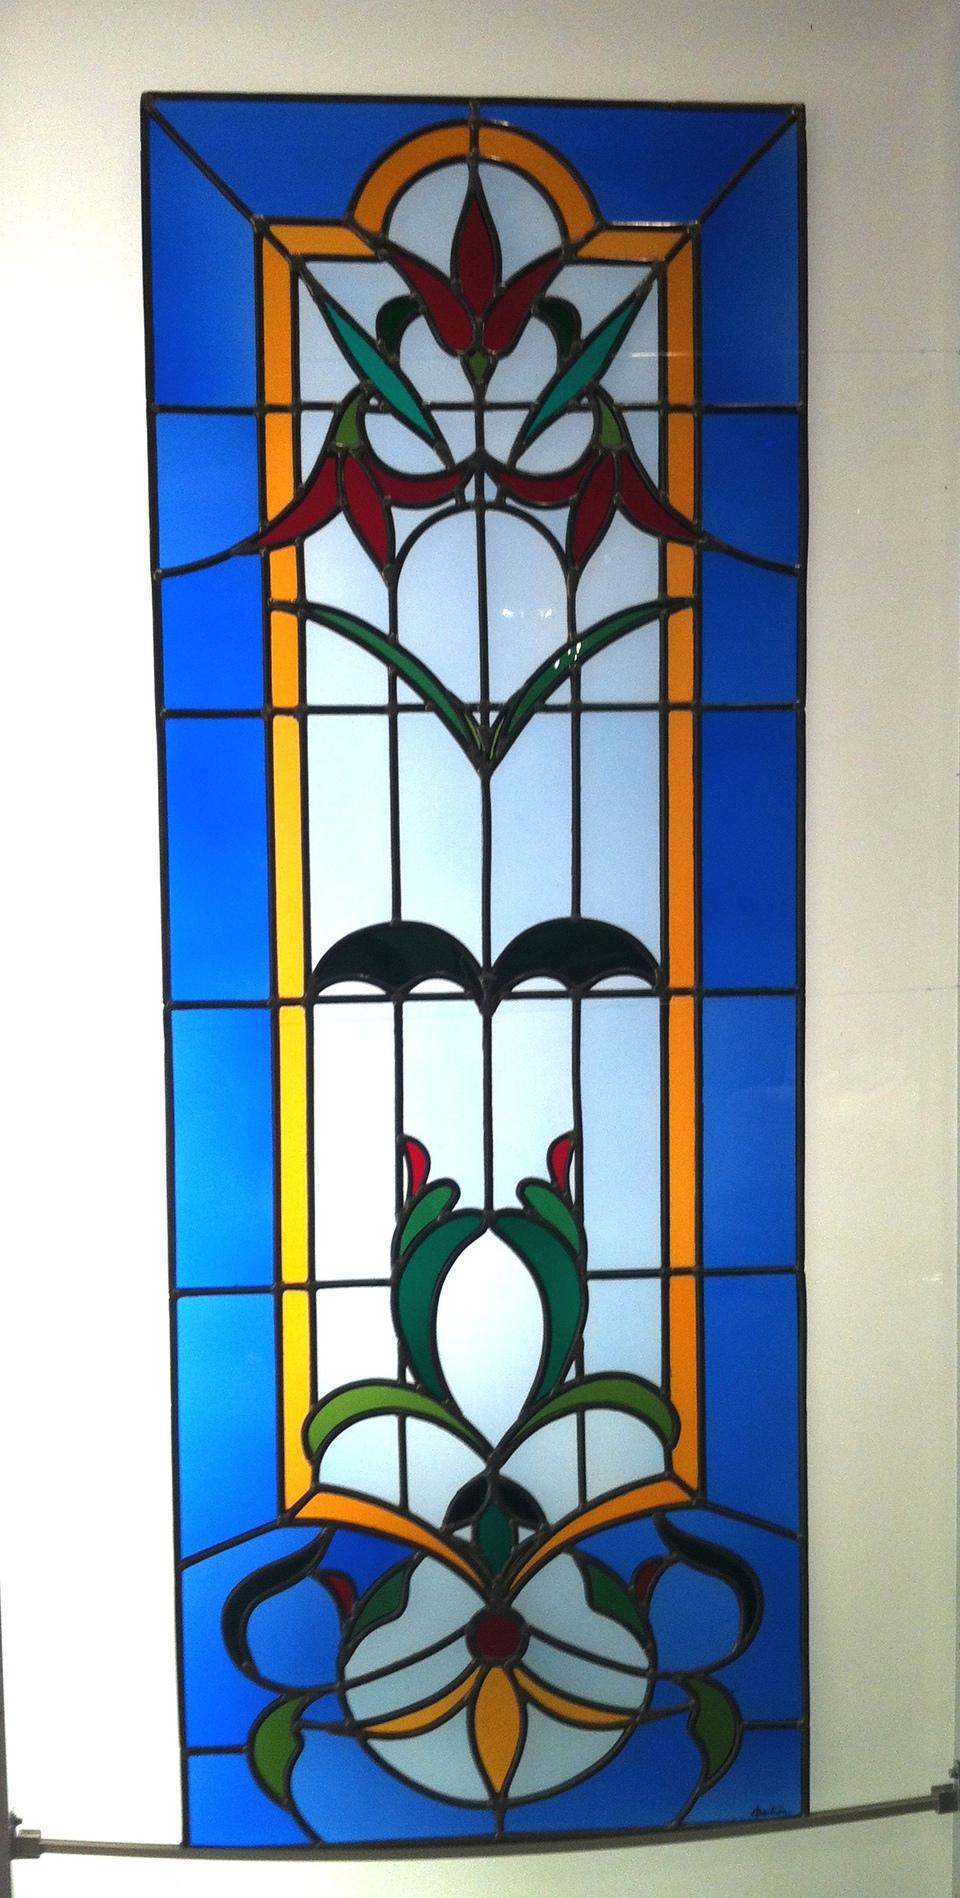 art vitrail cr ation fleurs v g taux couleur transparence verre souffl p te de verre spectrum. Black Bedroom Furniture Sets. Home Design Ideas